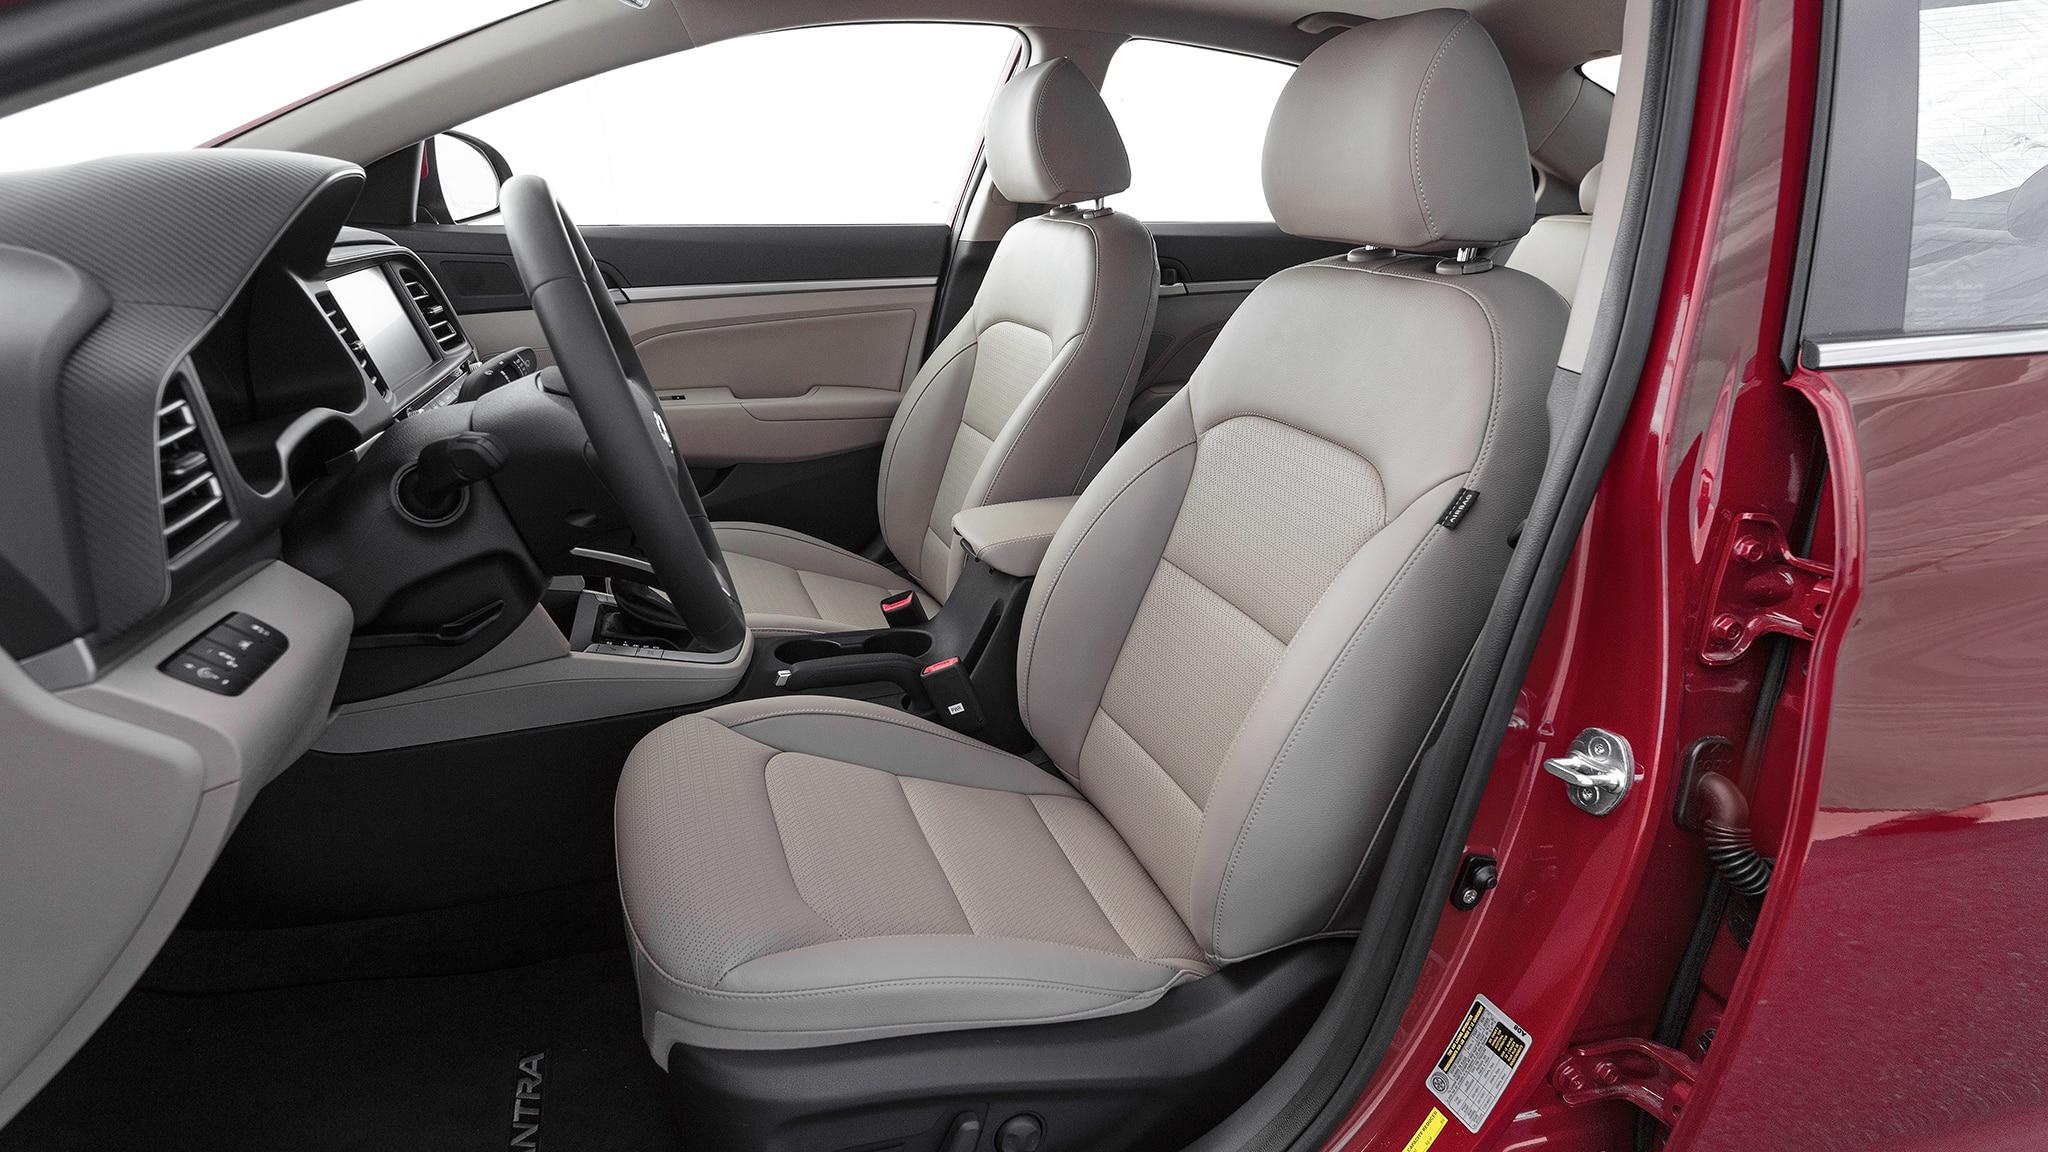 2019 Hyundai Elantra Limited Front Interior Seats Motor Trend En